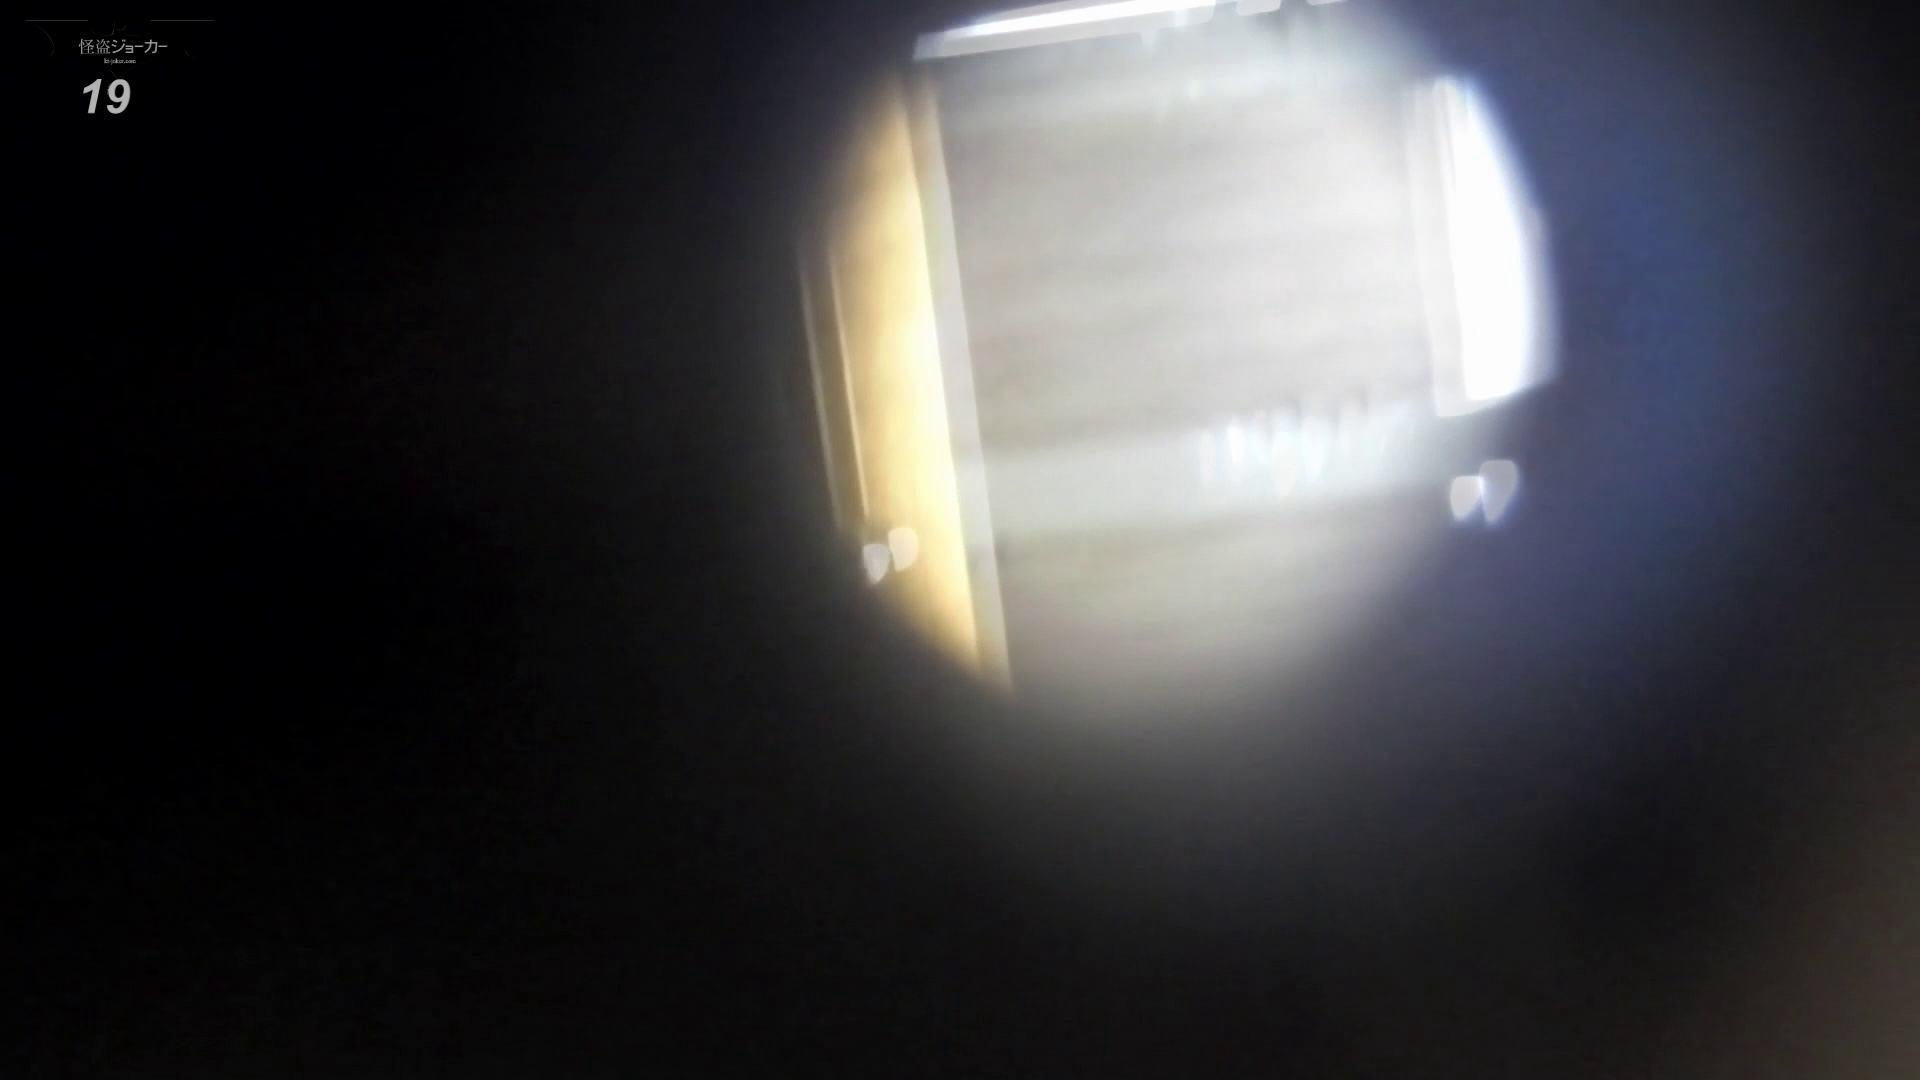 阿国ちゃんの「和式洋式七変化」 (NEW)19 「雫」はしっかりと切るんです! 丸見え | 和式便所  88枚 19